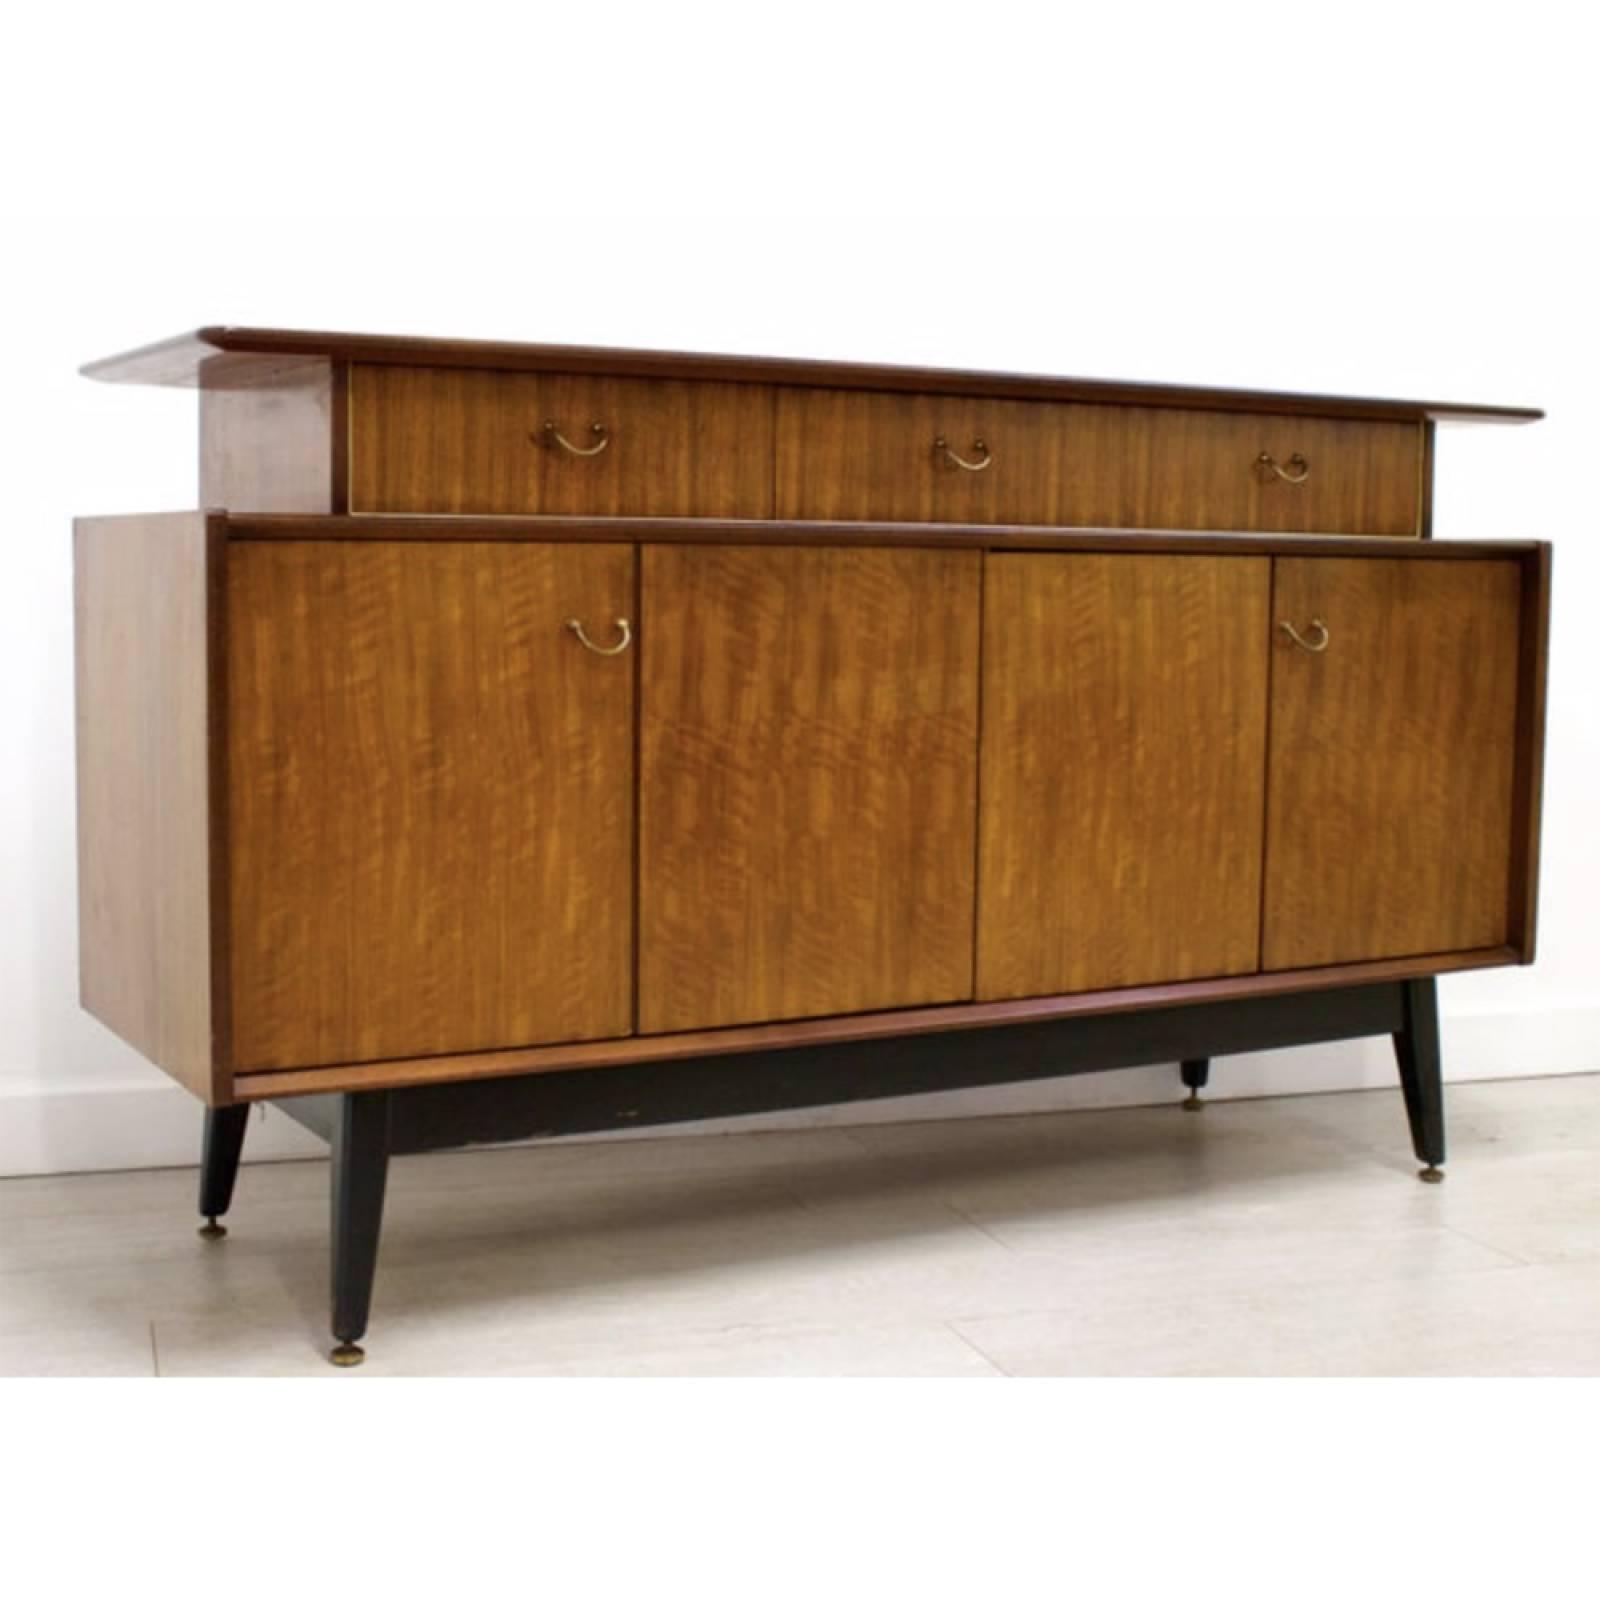 Vintage 1960s G Plan Librenza E-Gomme Teak Sideboard